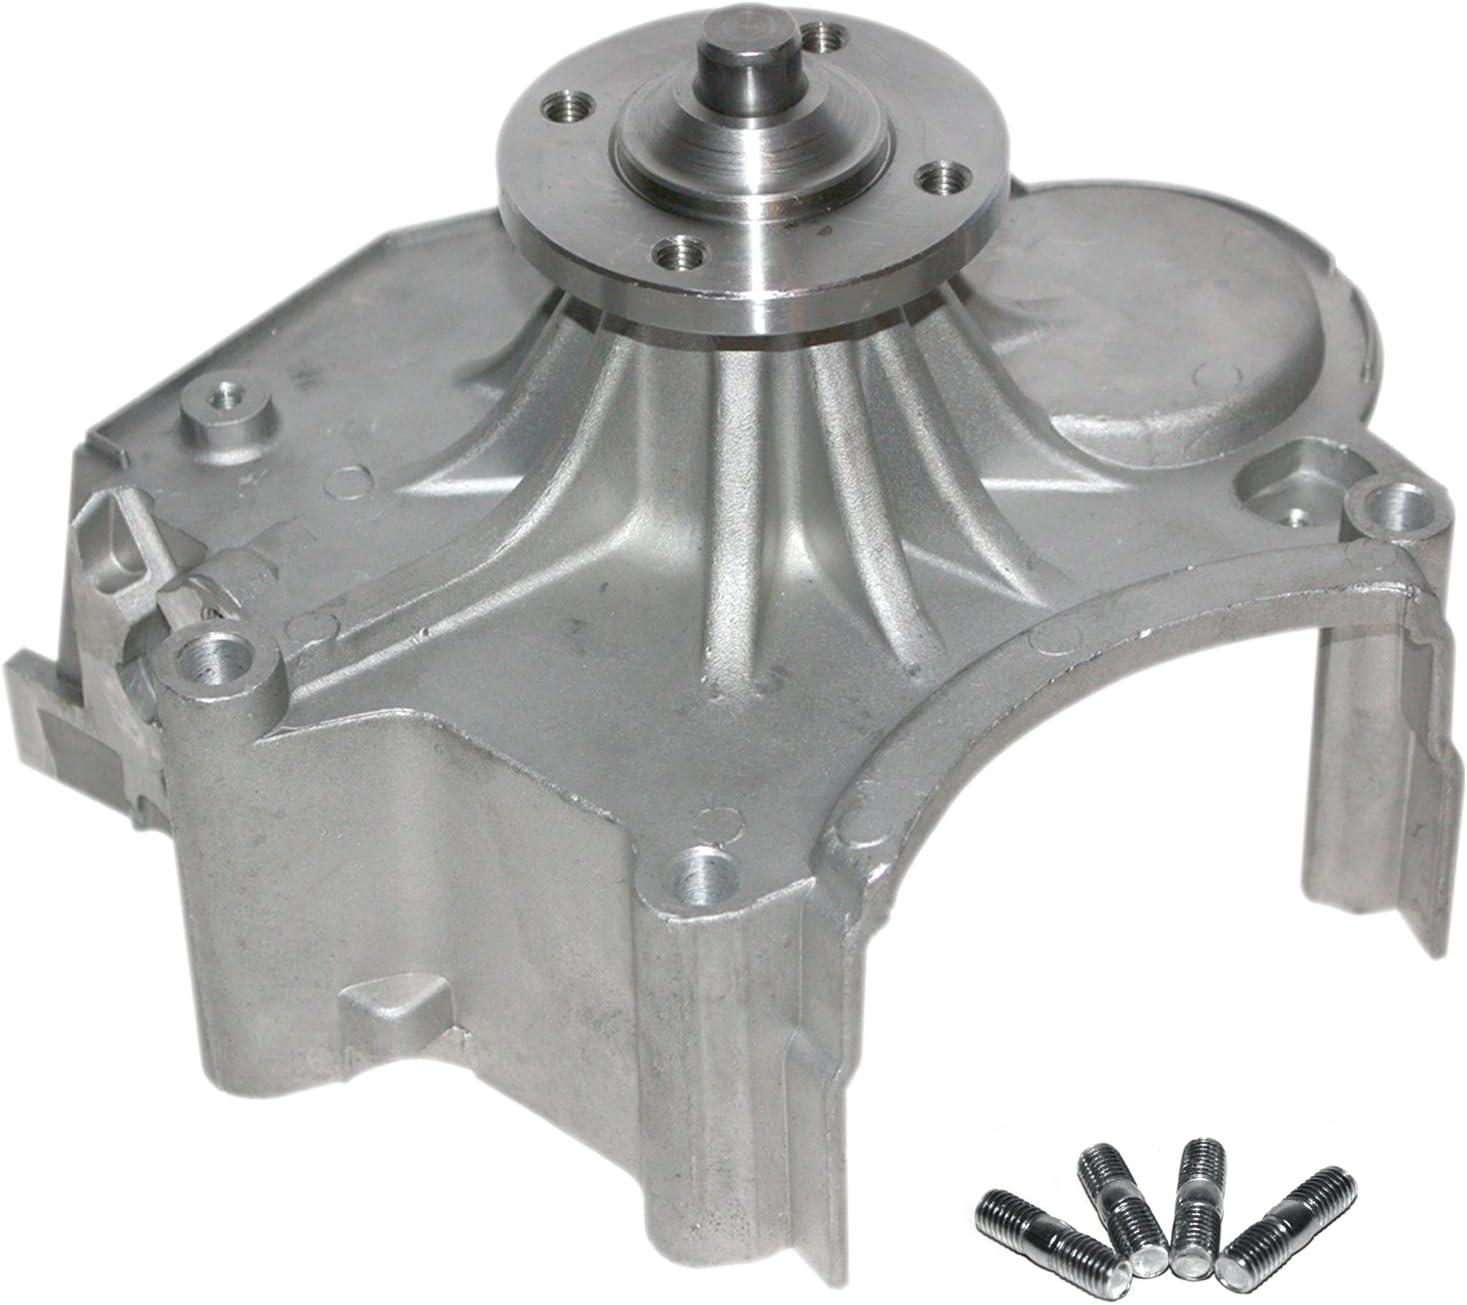 Fan Bearing Idler Bracket Replacement for 88-92 TOYOTA PICKUP V6 3.0L | 88-92 TOYOTA 4RUNNER V6 3.0L- ADUS 800